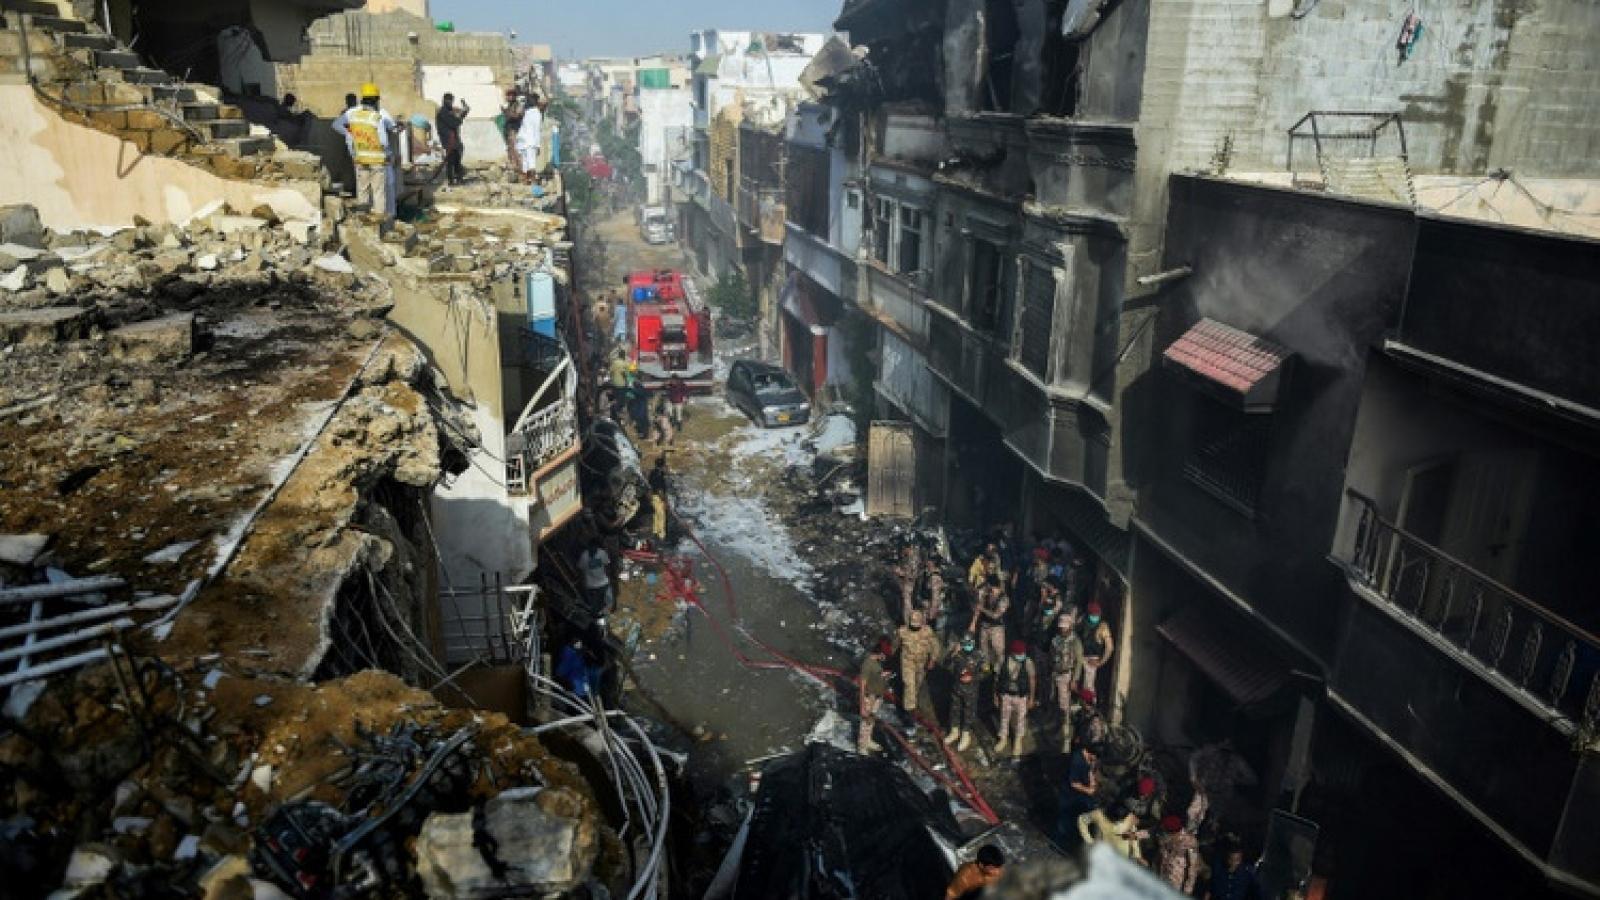 Nhân chứng sống hé lộ nguyên nhân vụ tai nạn thảm khốc tại Pakistan